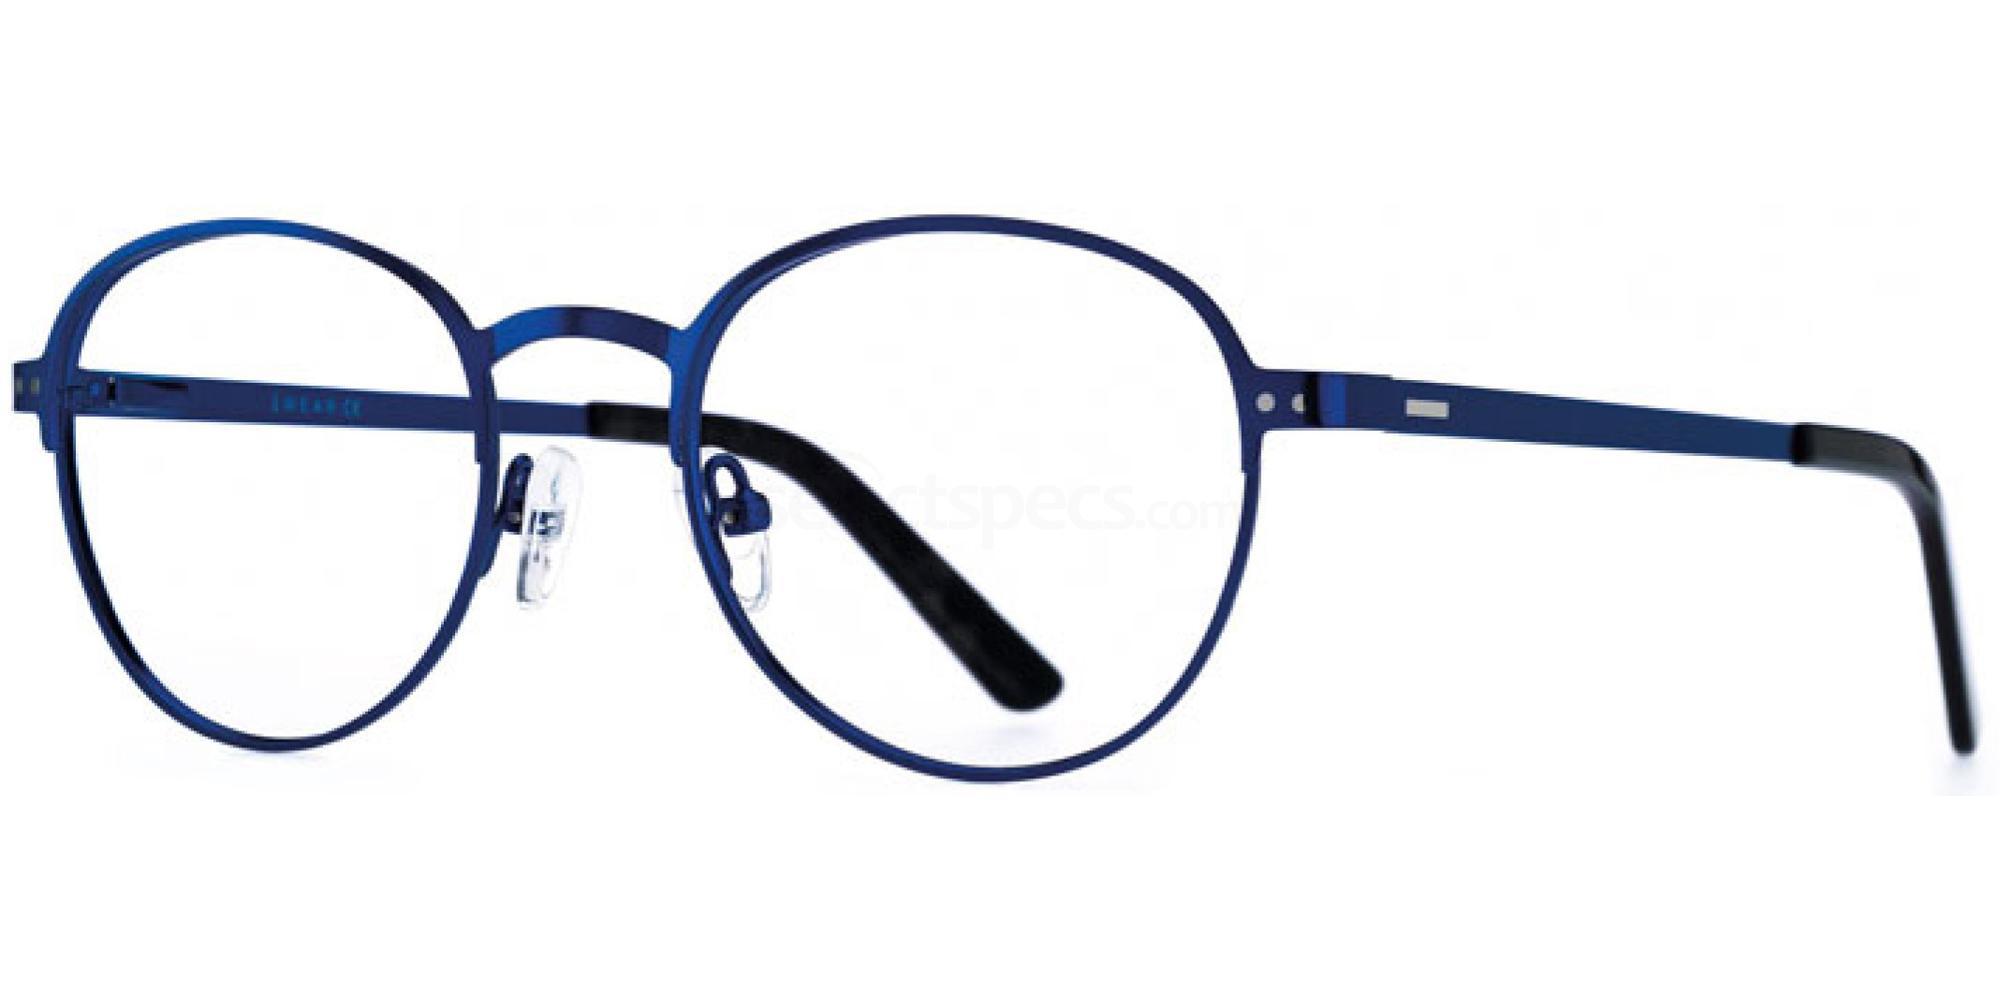 C1 i Wear 6070 Glasses, i Wear